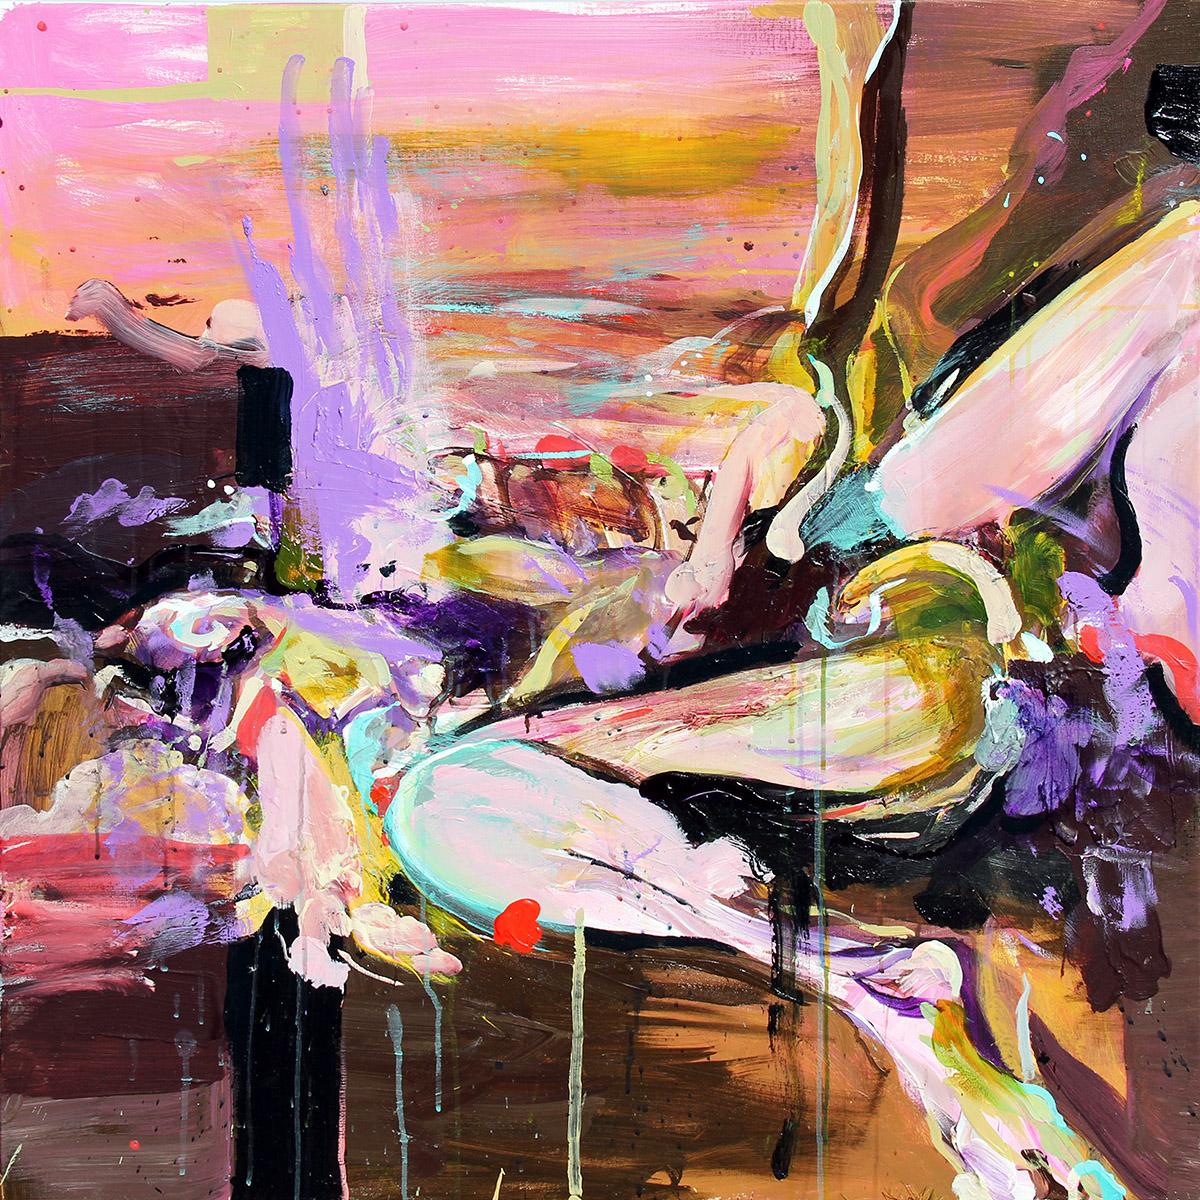 Schilderij kunstcollectie coen van ham galerie kopen